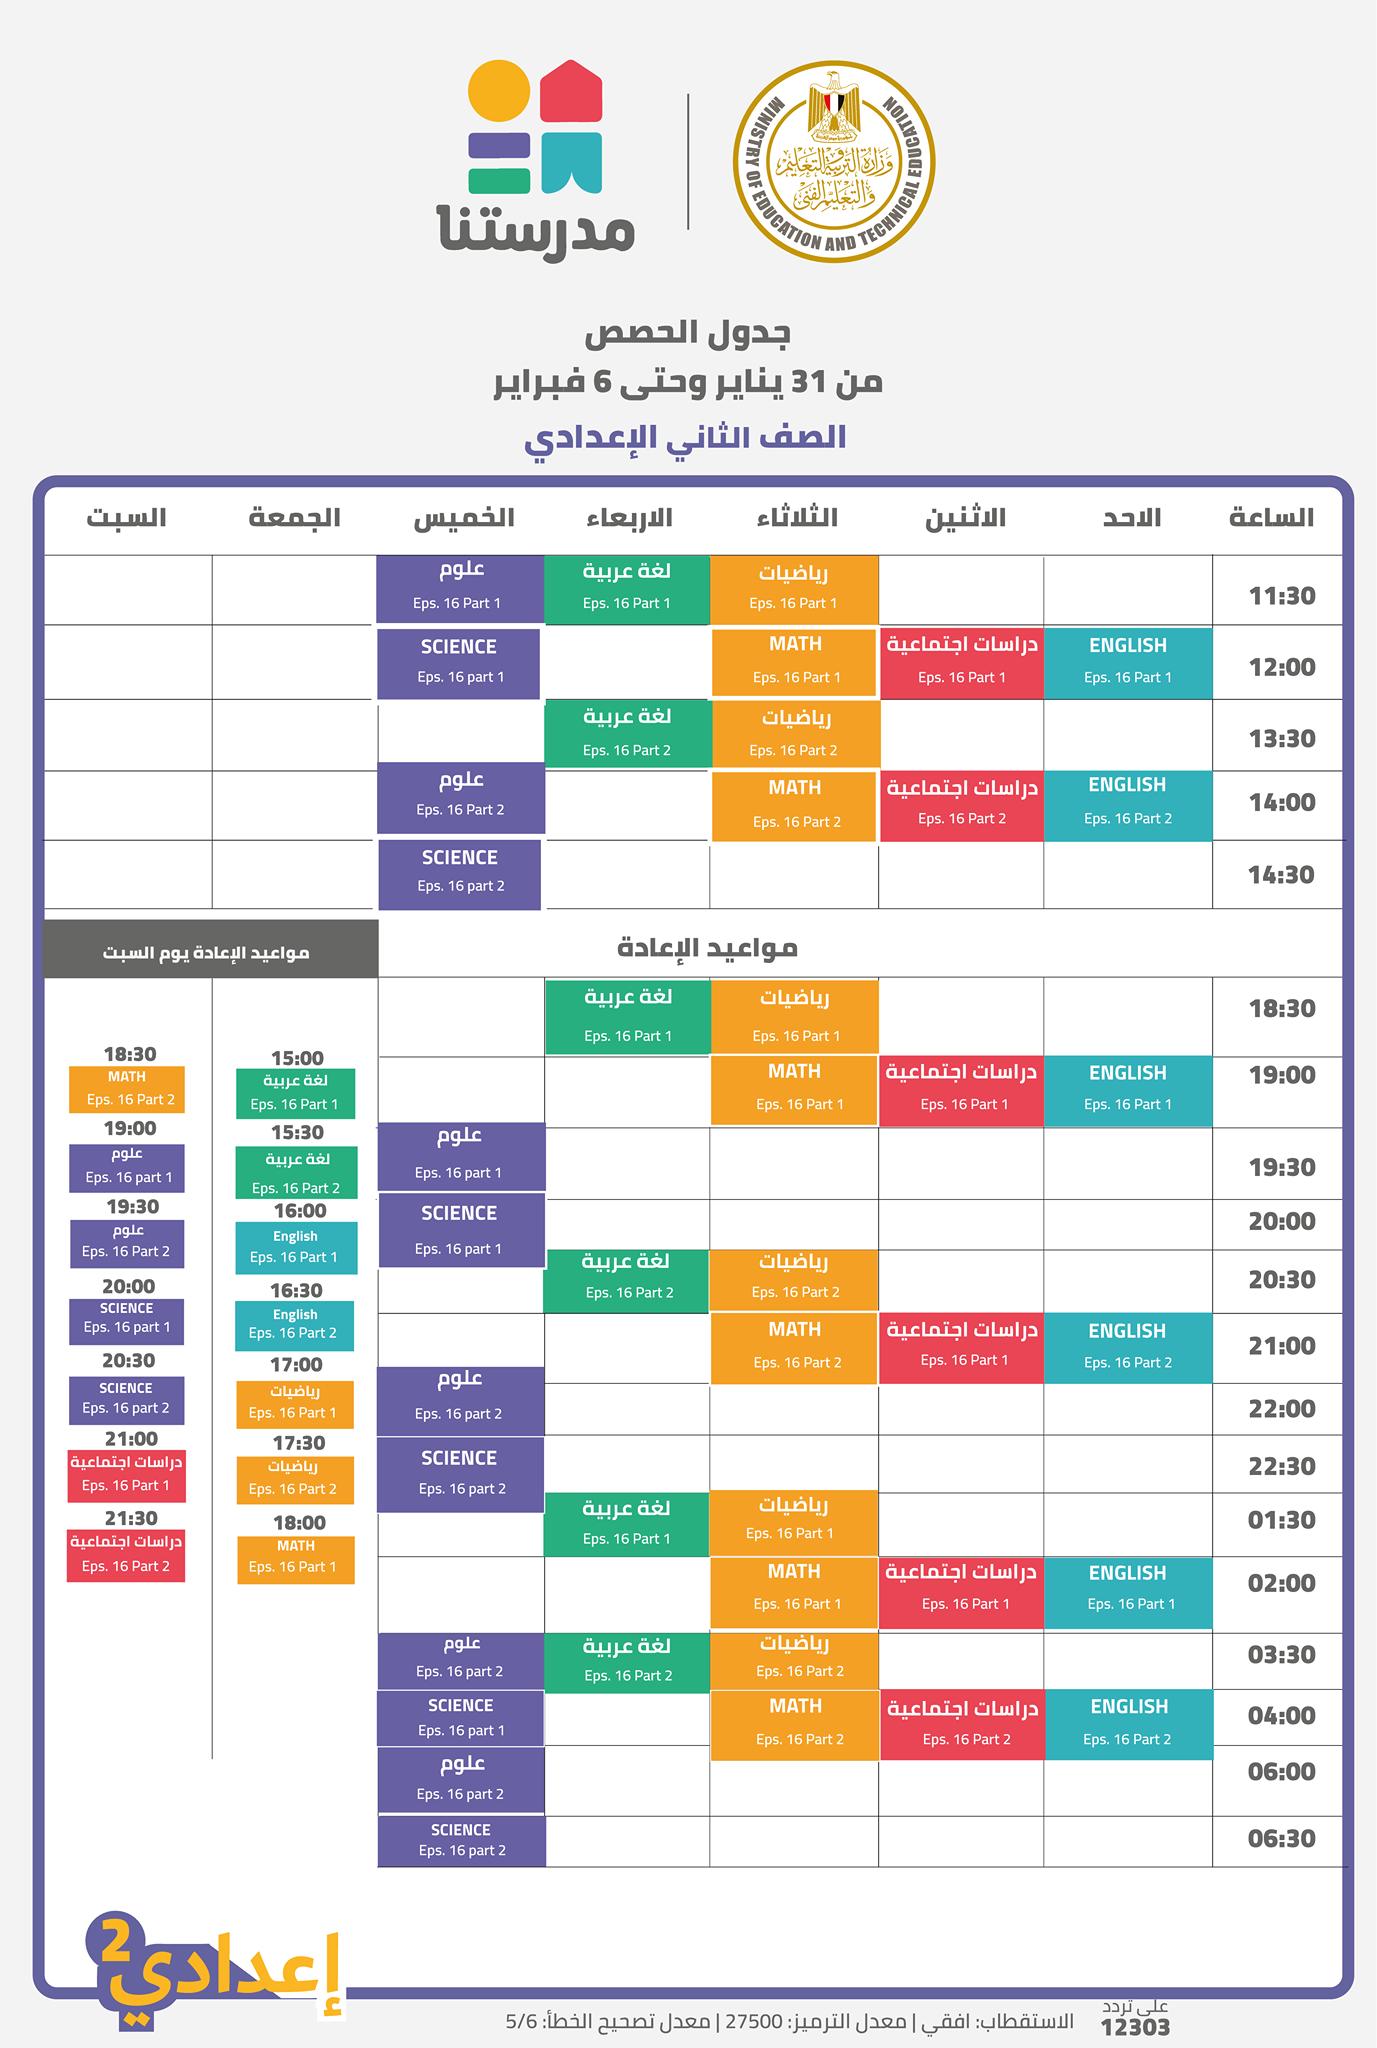 جدول مواعيد البرامج التعليمية علي قناة مدرستنا التعليمية من 31 يناير إلي 6 فبراير 2021 8